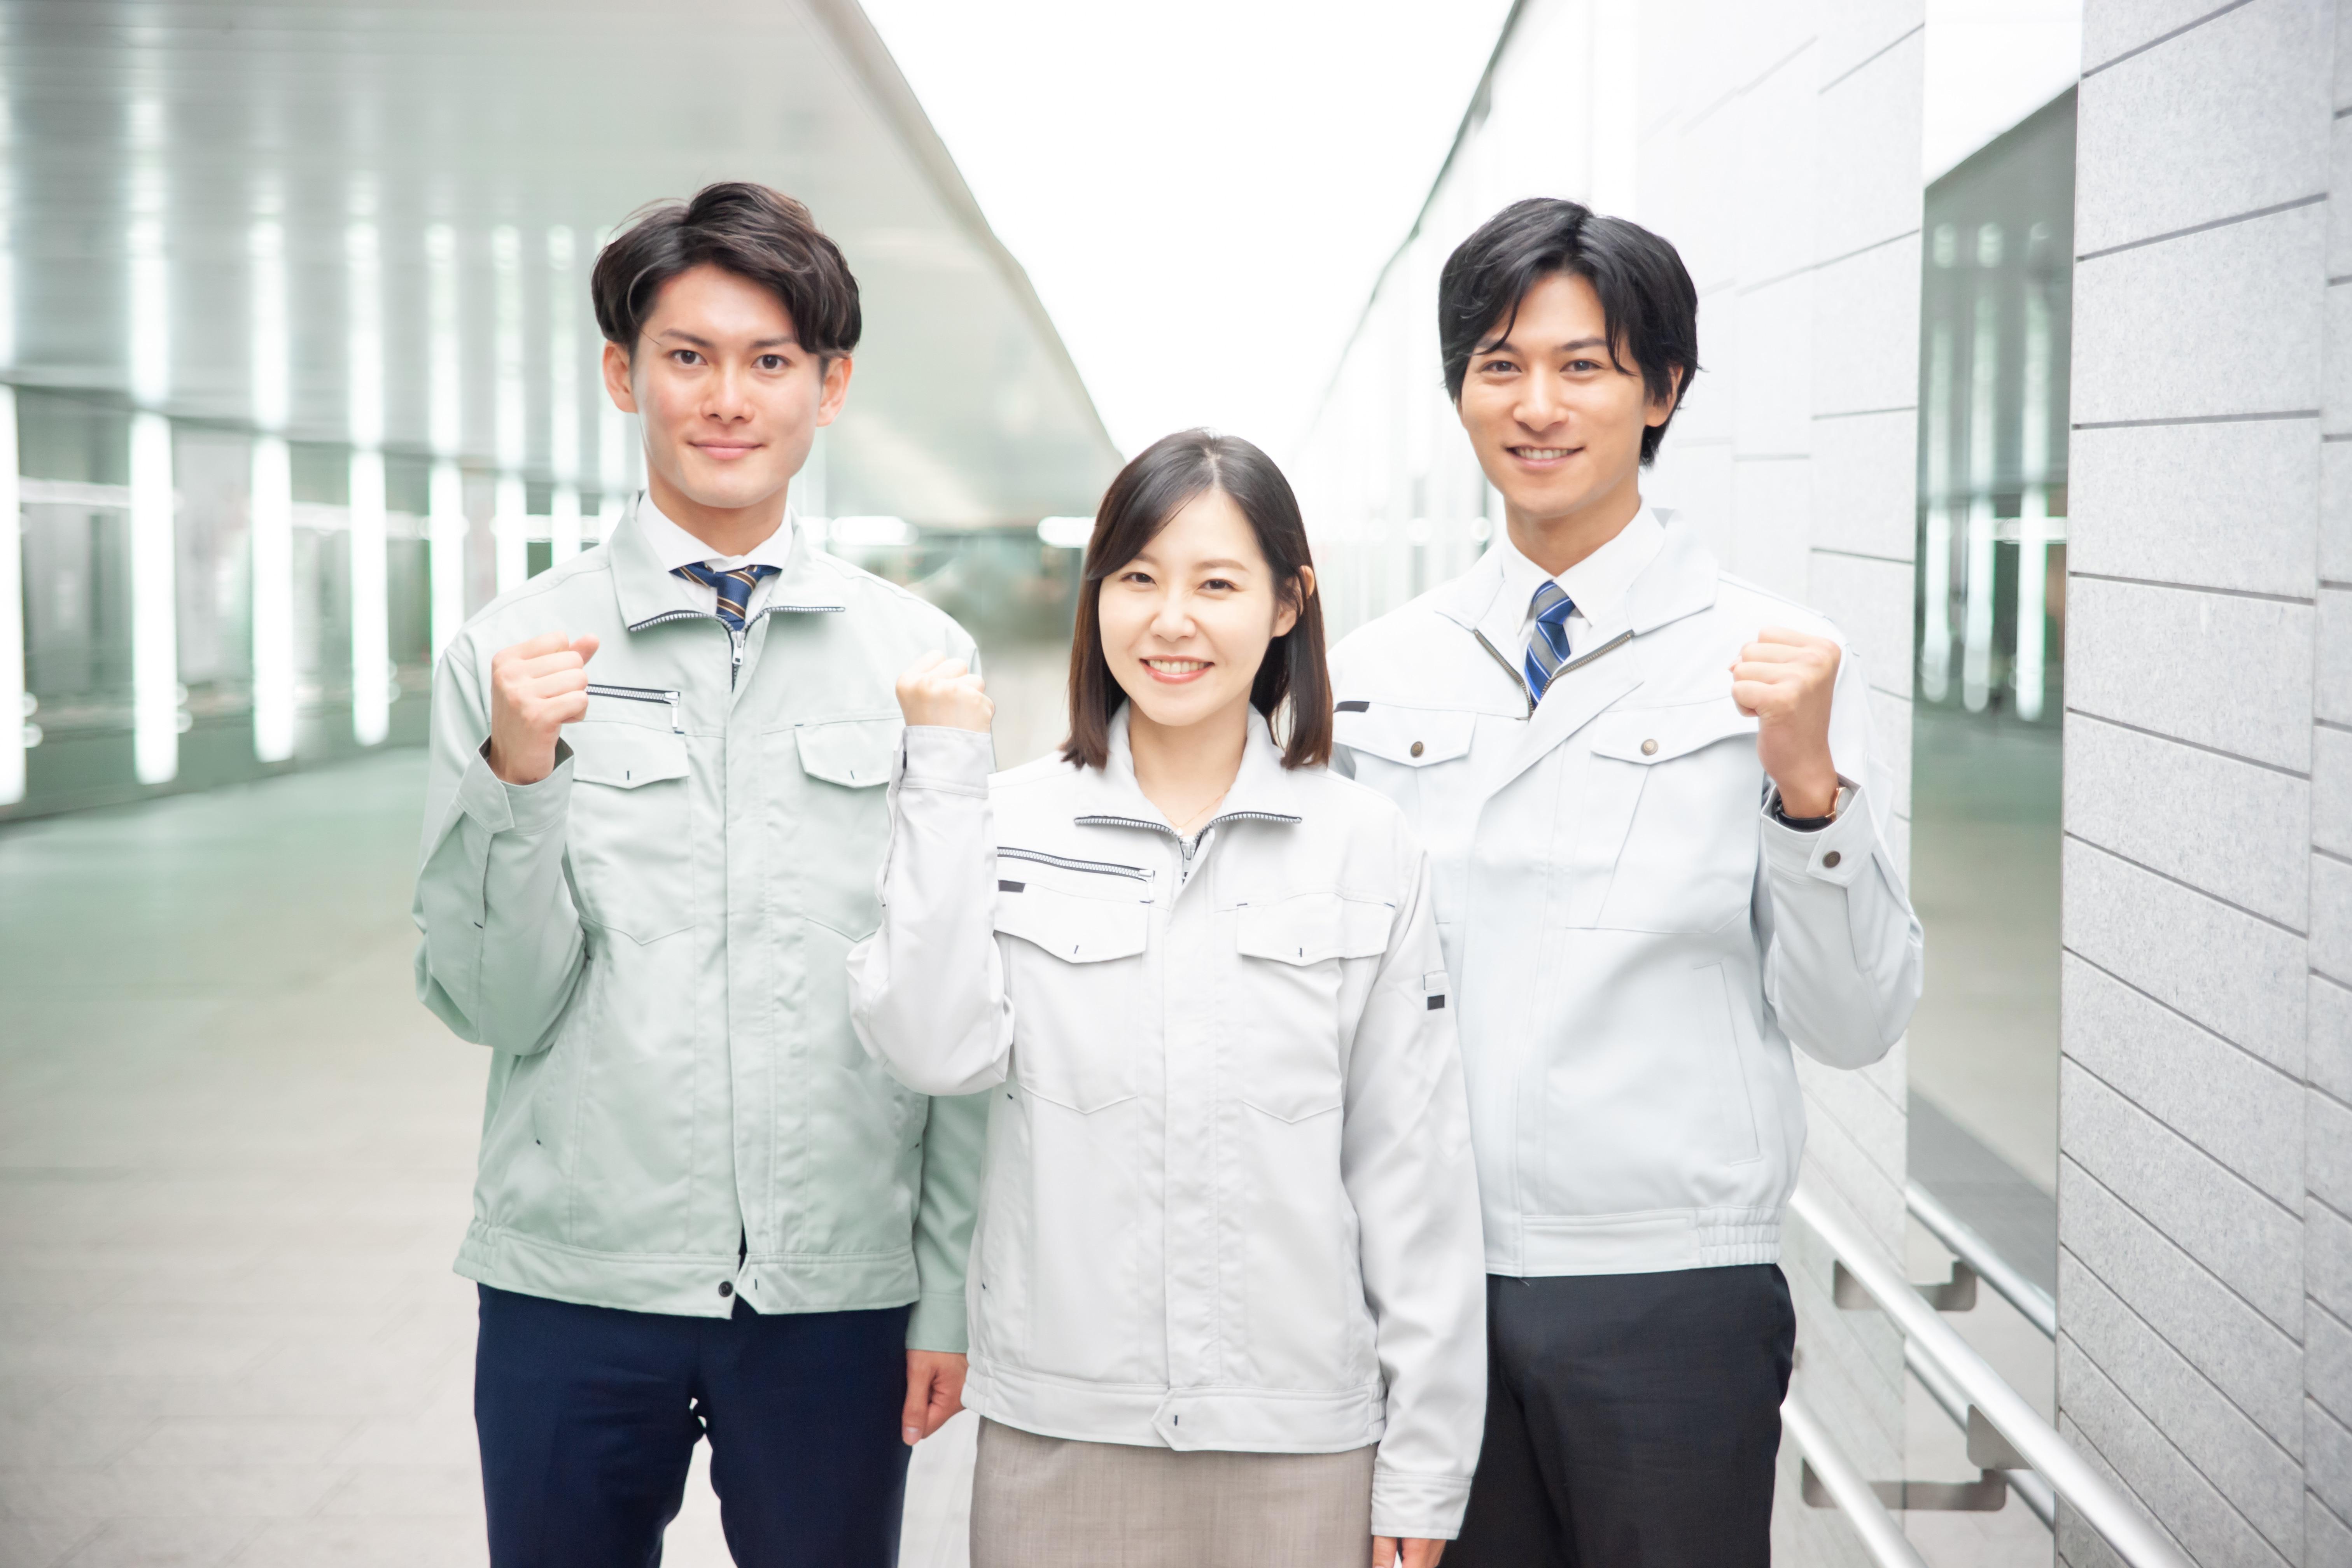 作業服を着た男女